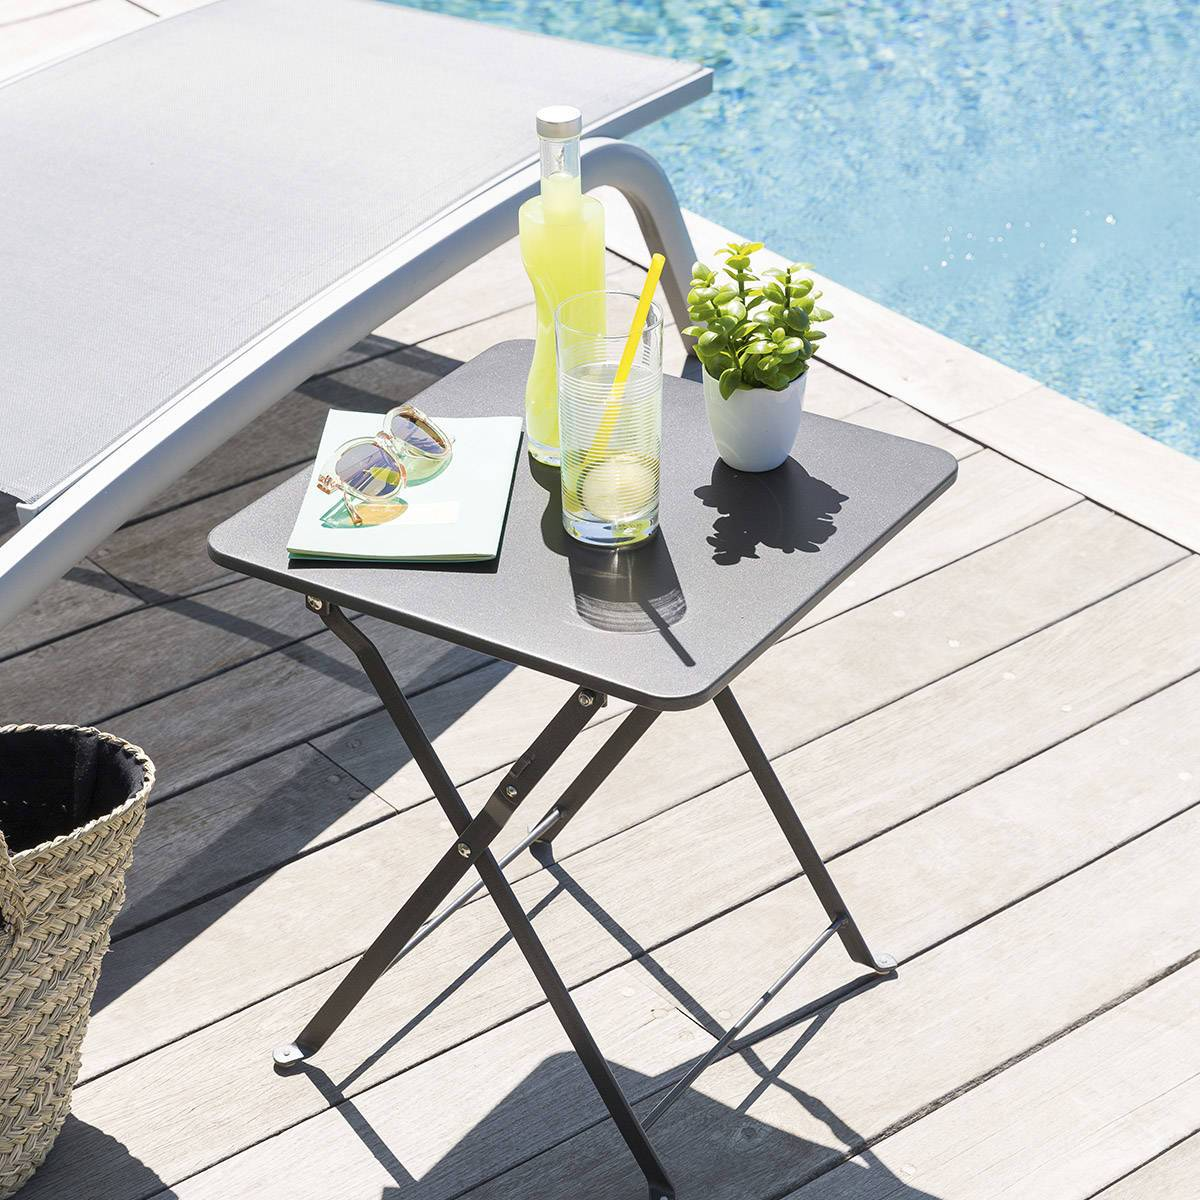 Hespéride Table d'appoint de jardin carrée Nindiri Graphite mat 40 x 40 x 45 cm - Acier cataphorèse, Peinture époxy